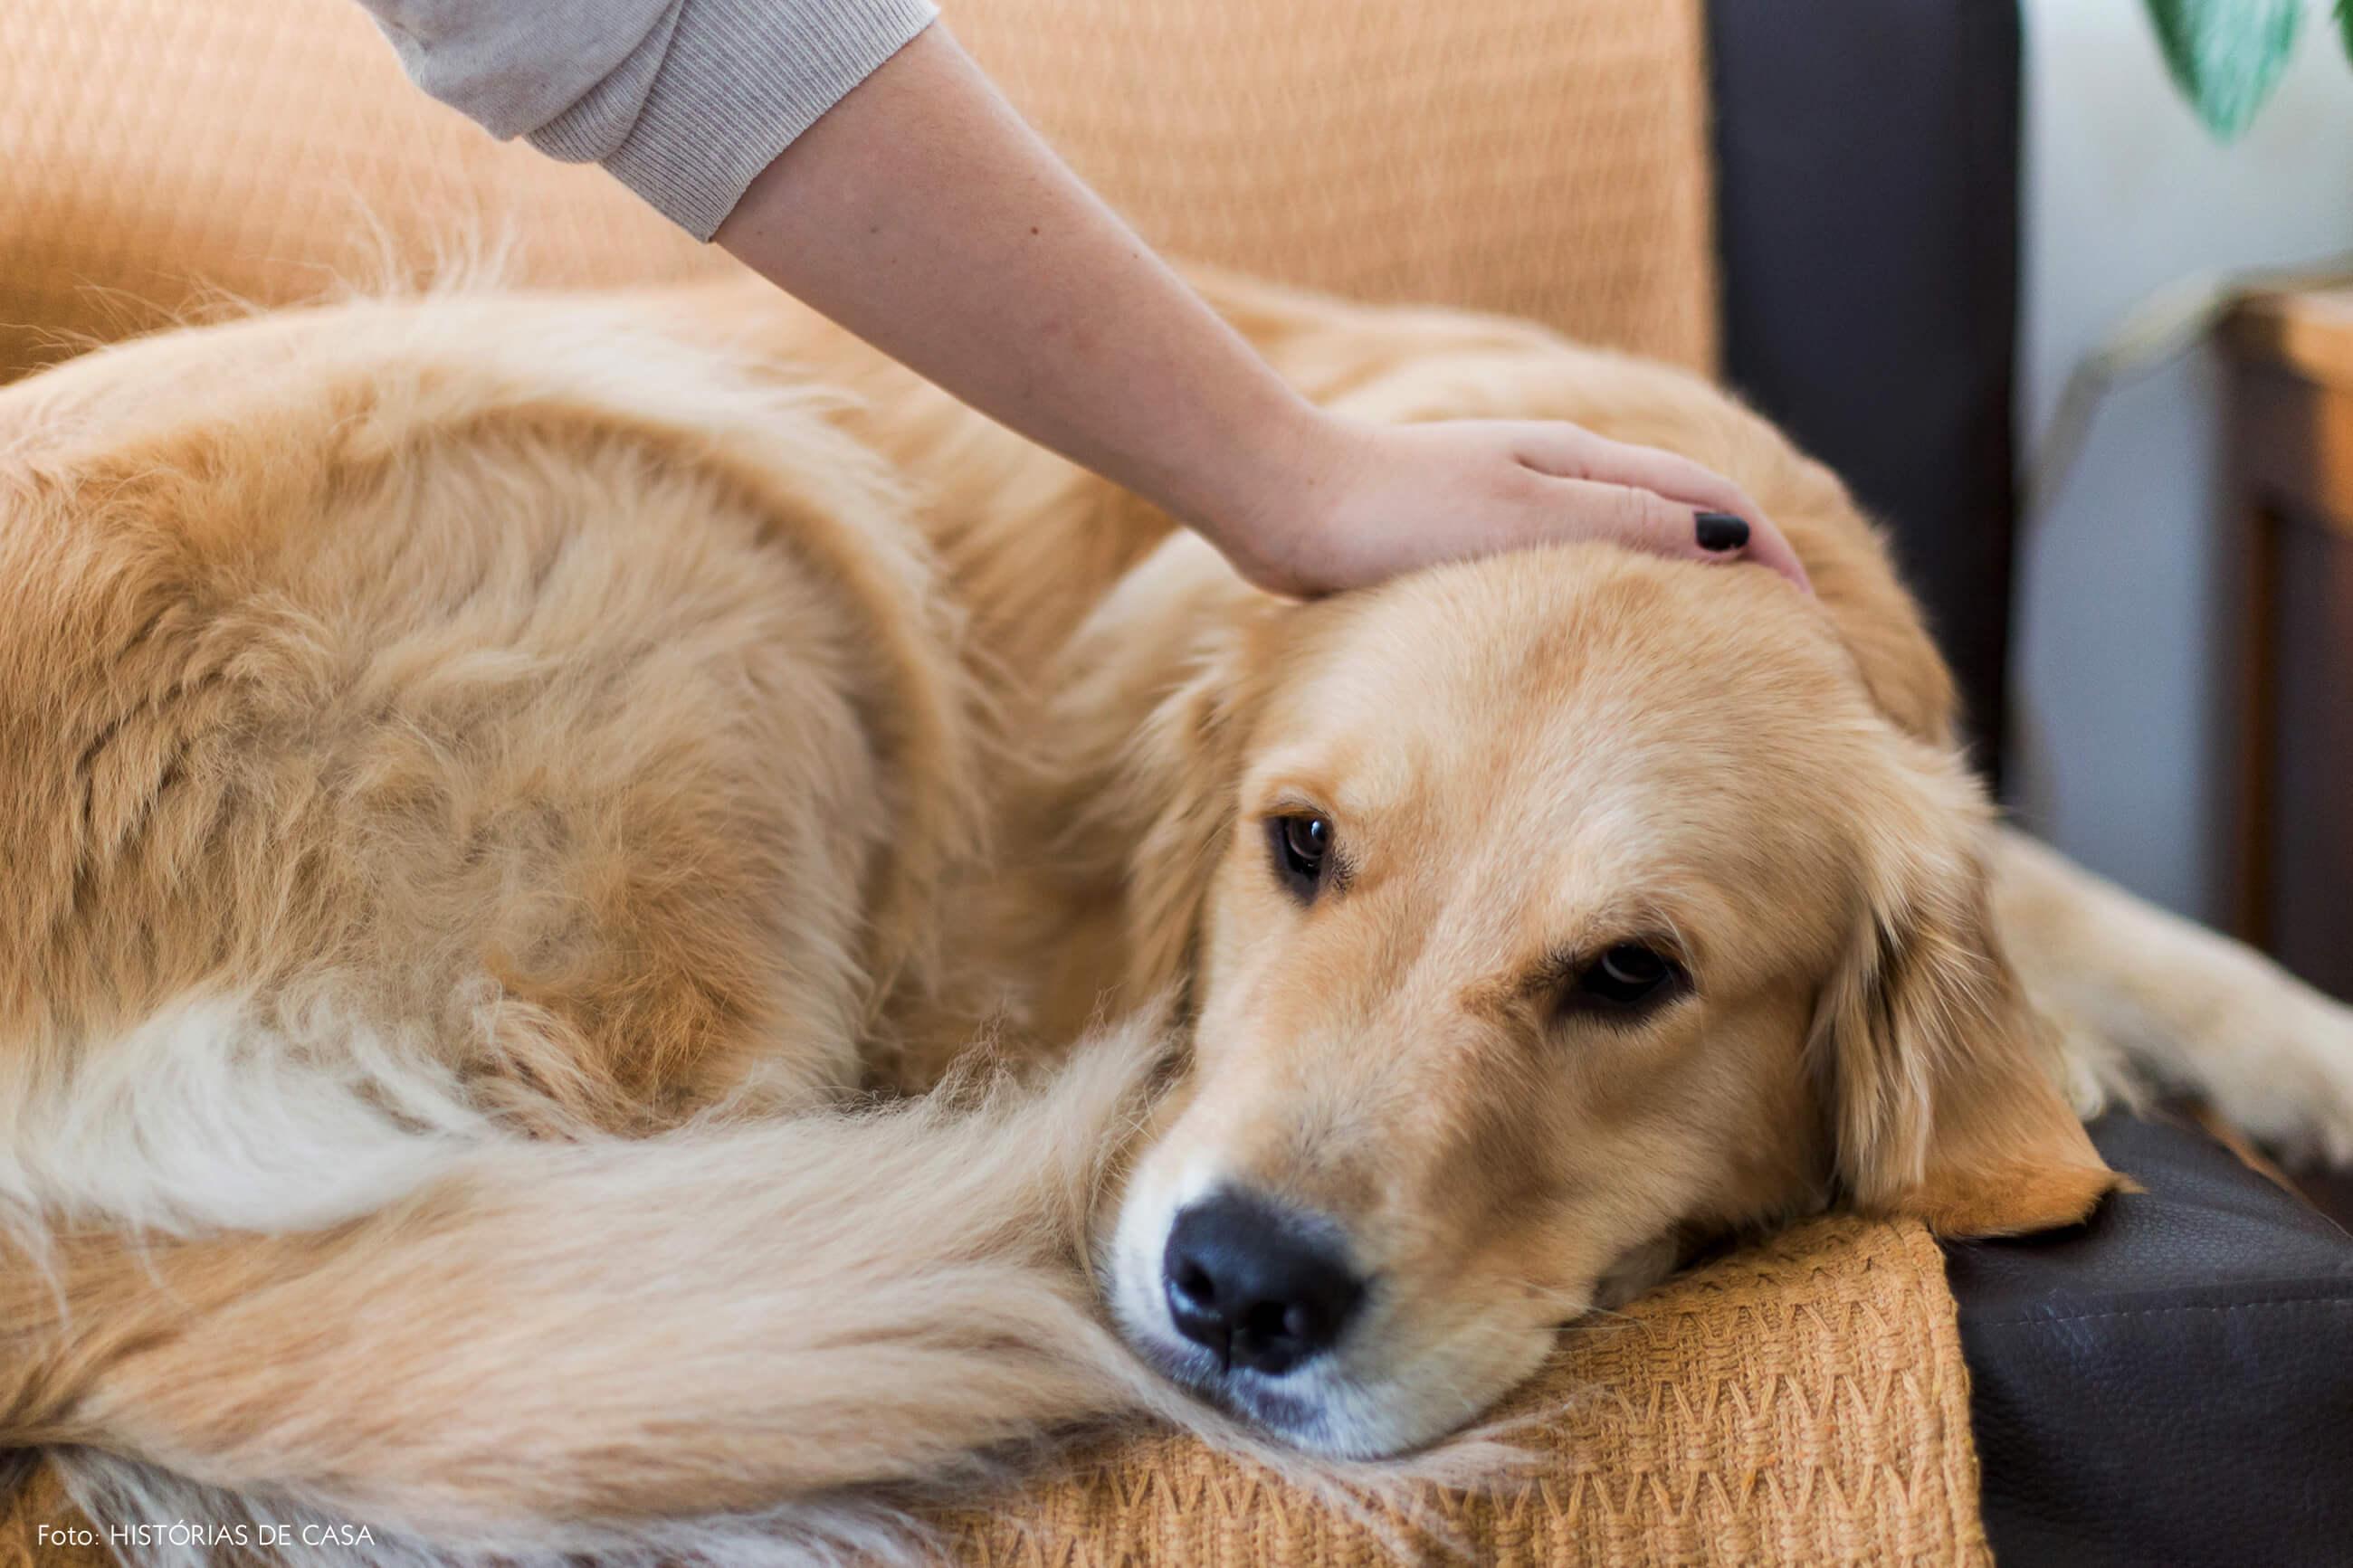 Sofá com manta para o cachorro dormir